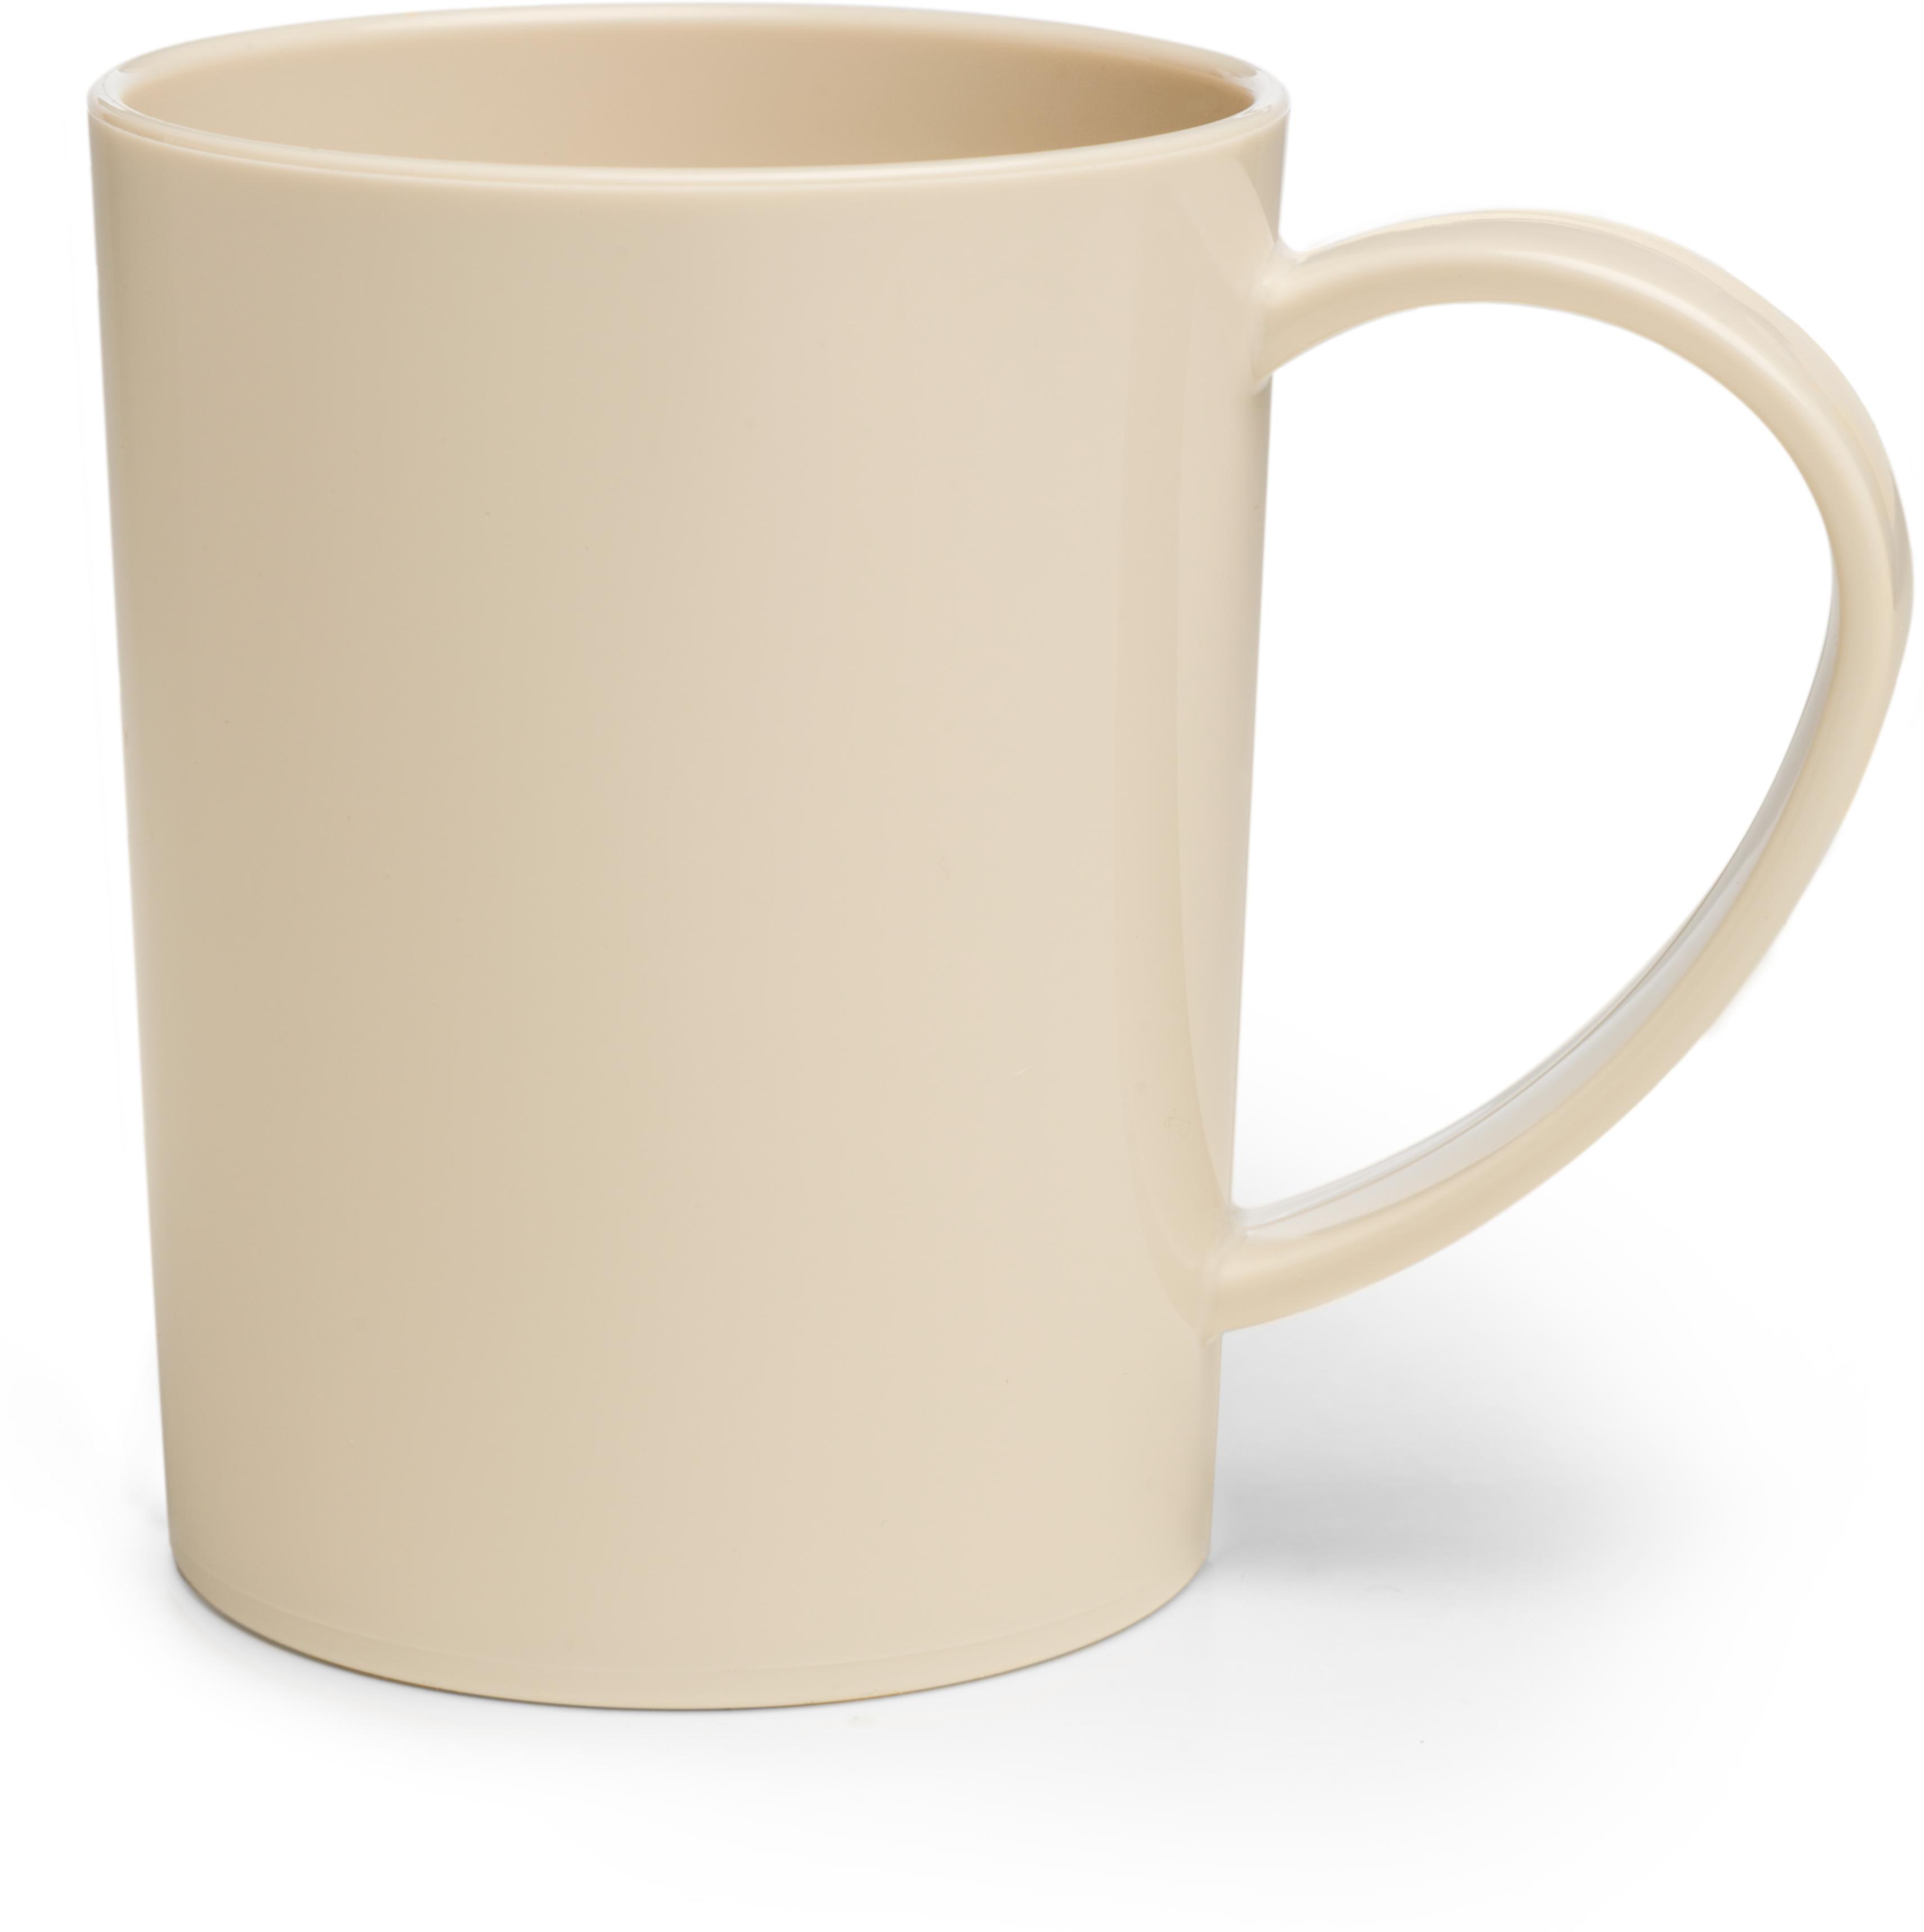 Carlisle Mug 8 oz - Bone